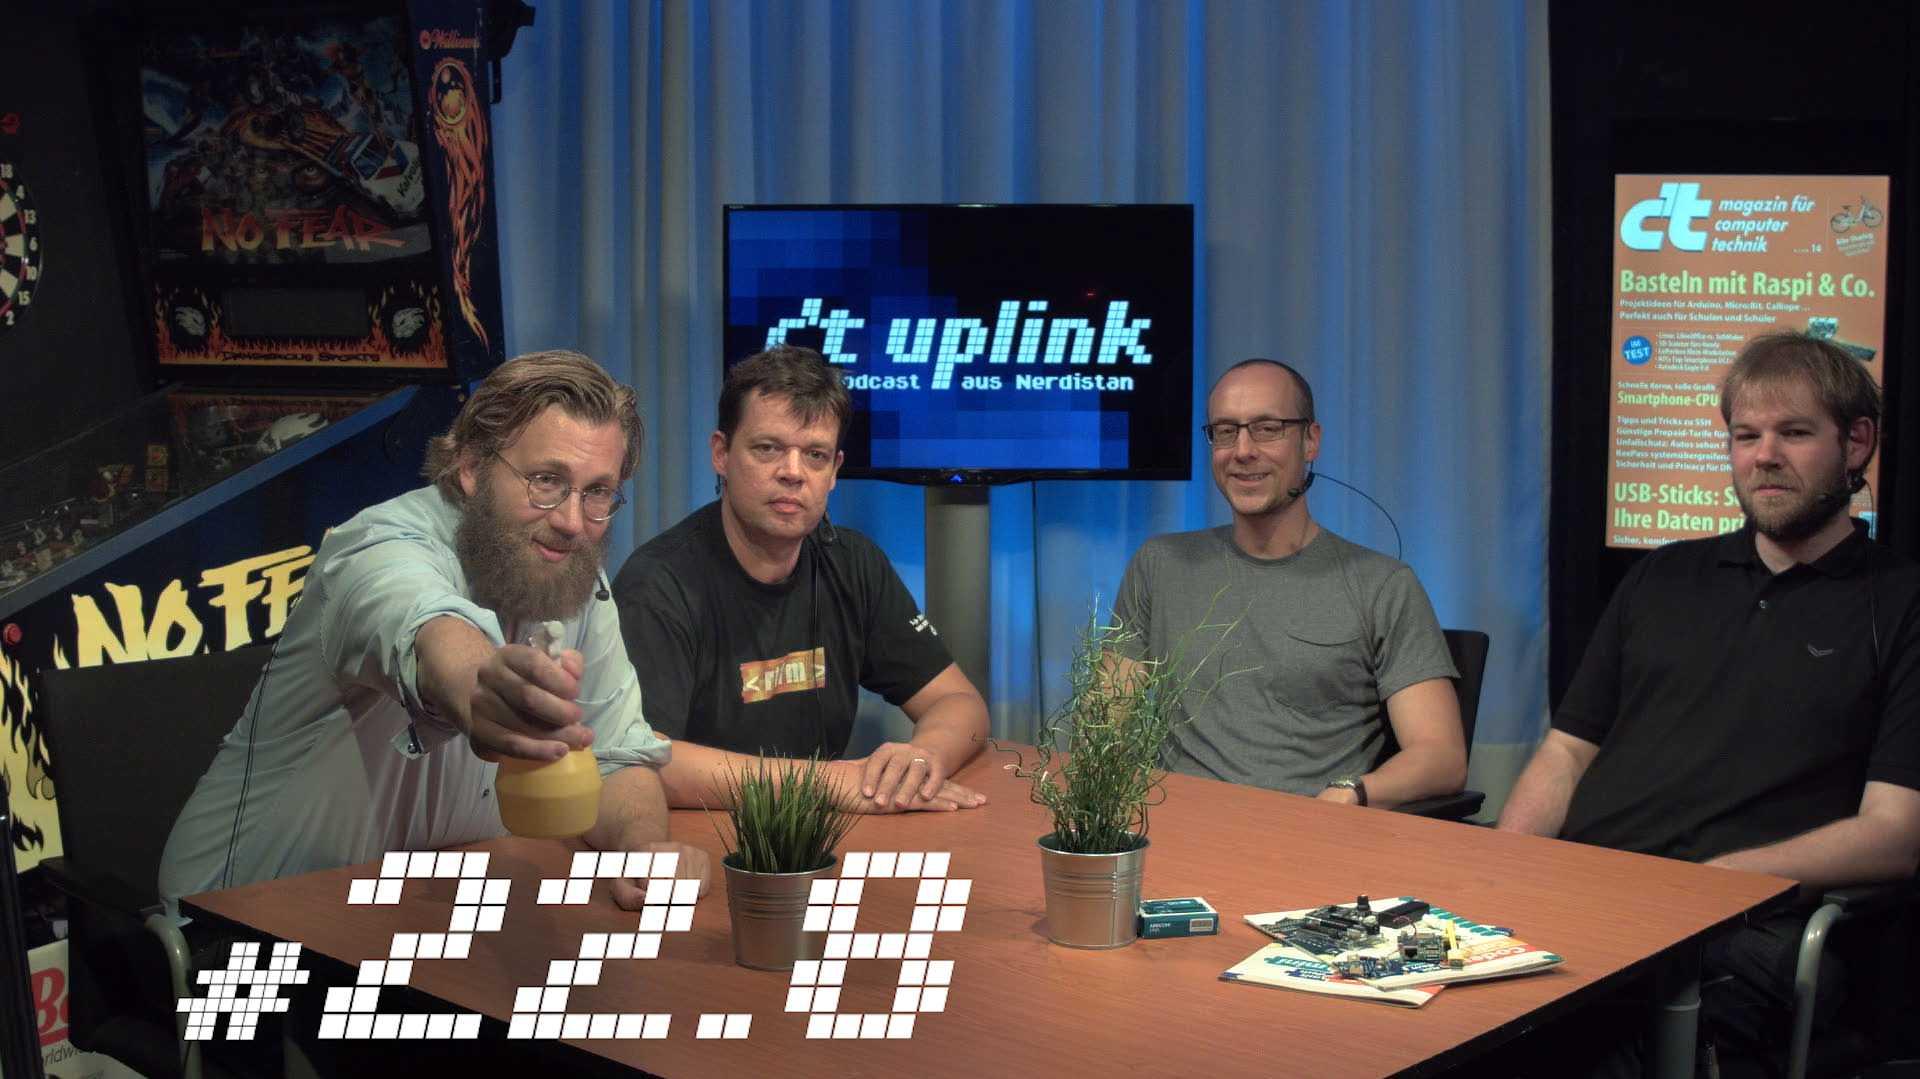 c't uplink 22.5: Smartbike-Check, Basteln mit Raspi & Co., Überleben als Fußgänger